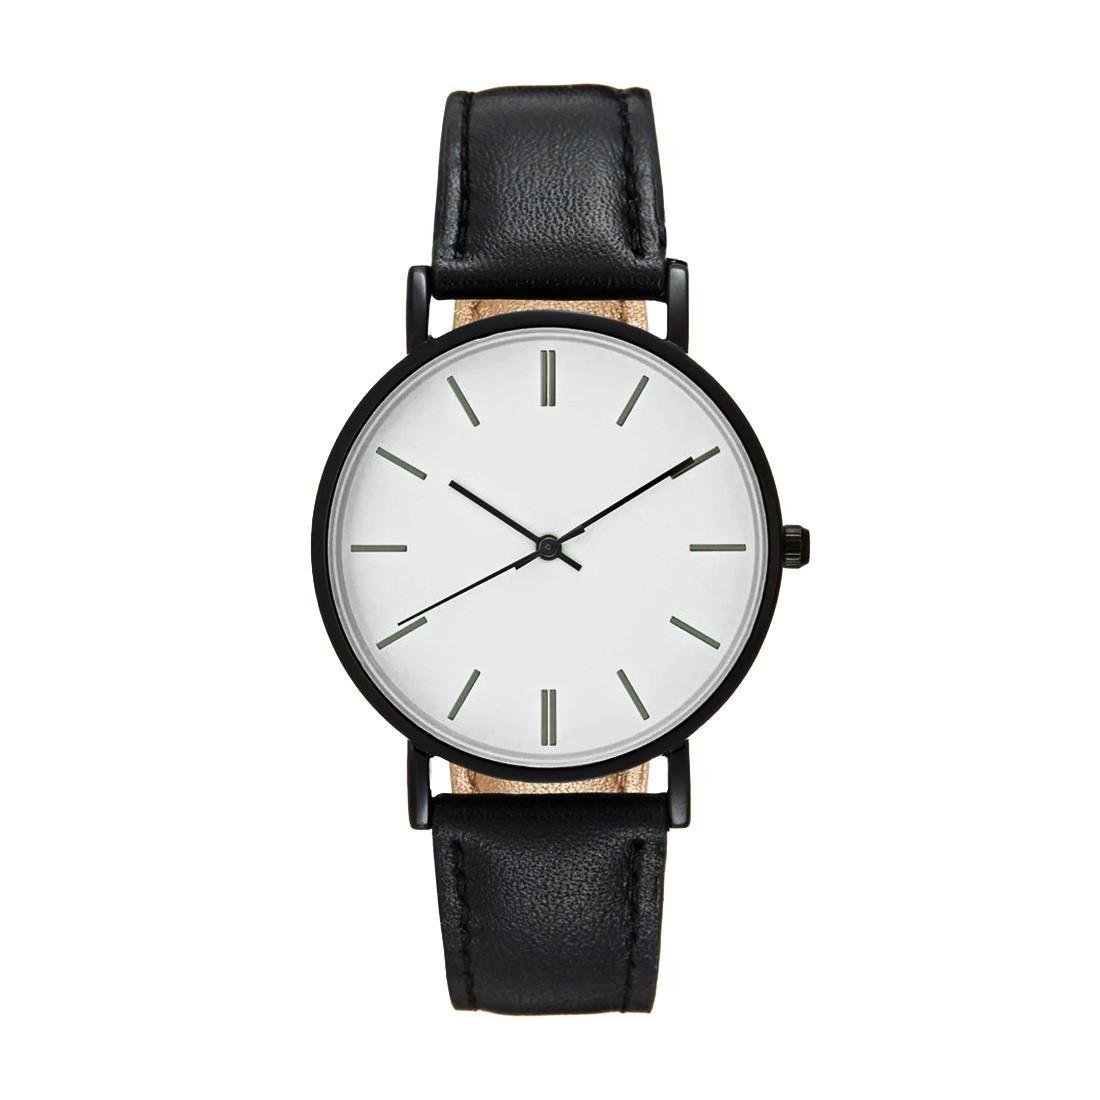 Жіночий годинник Kiomi Watch Black K4451